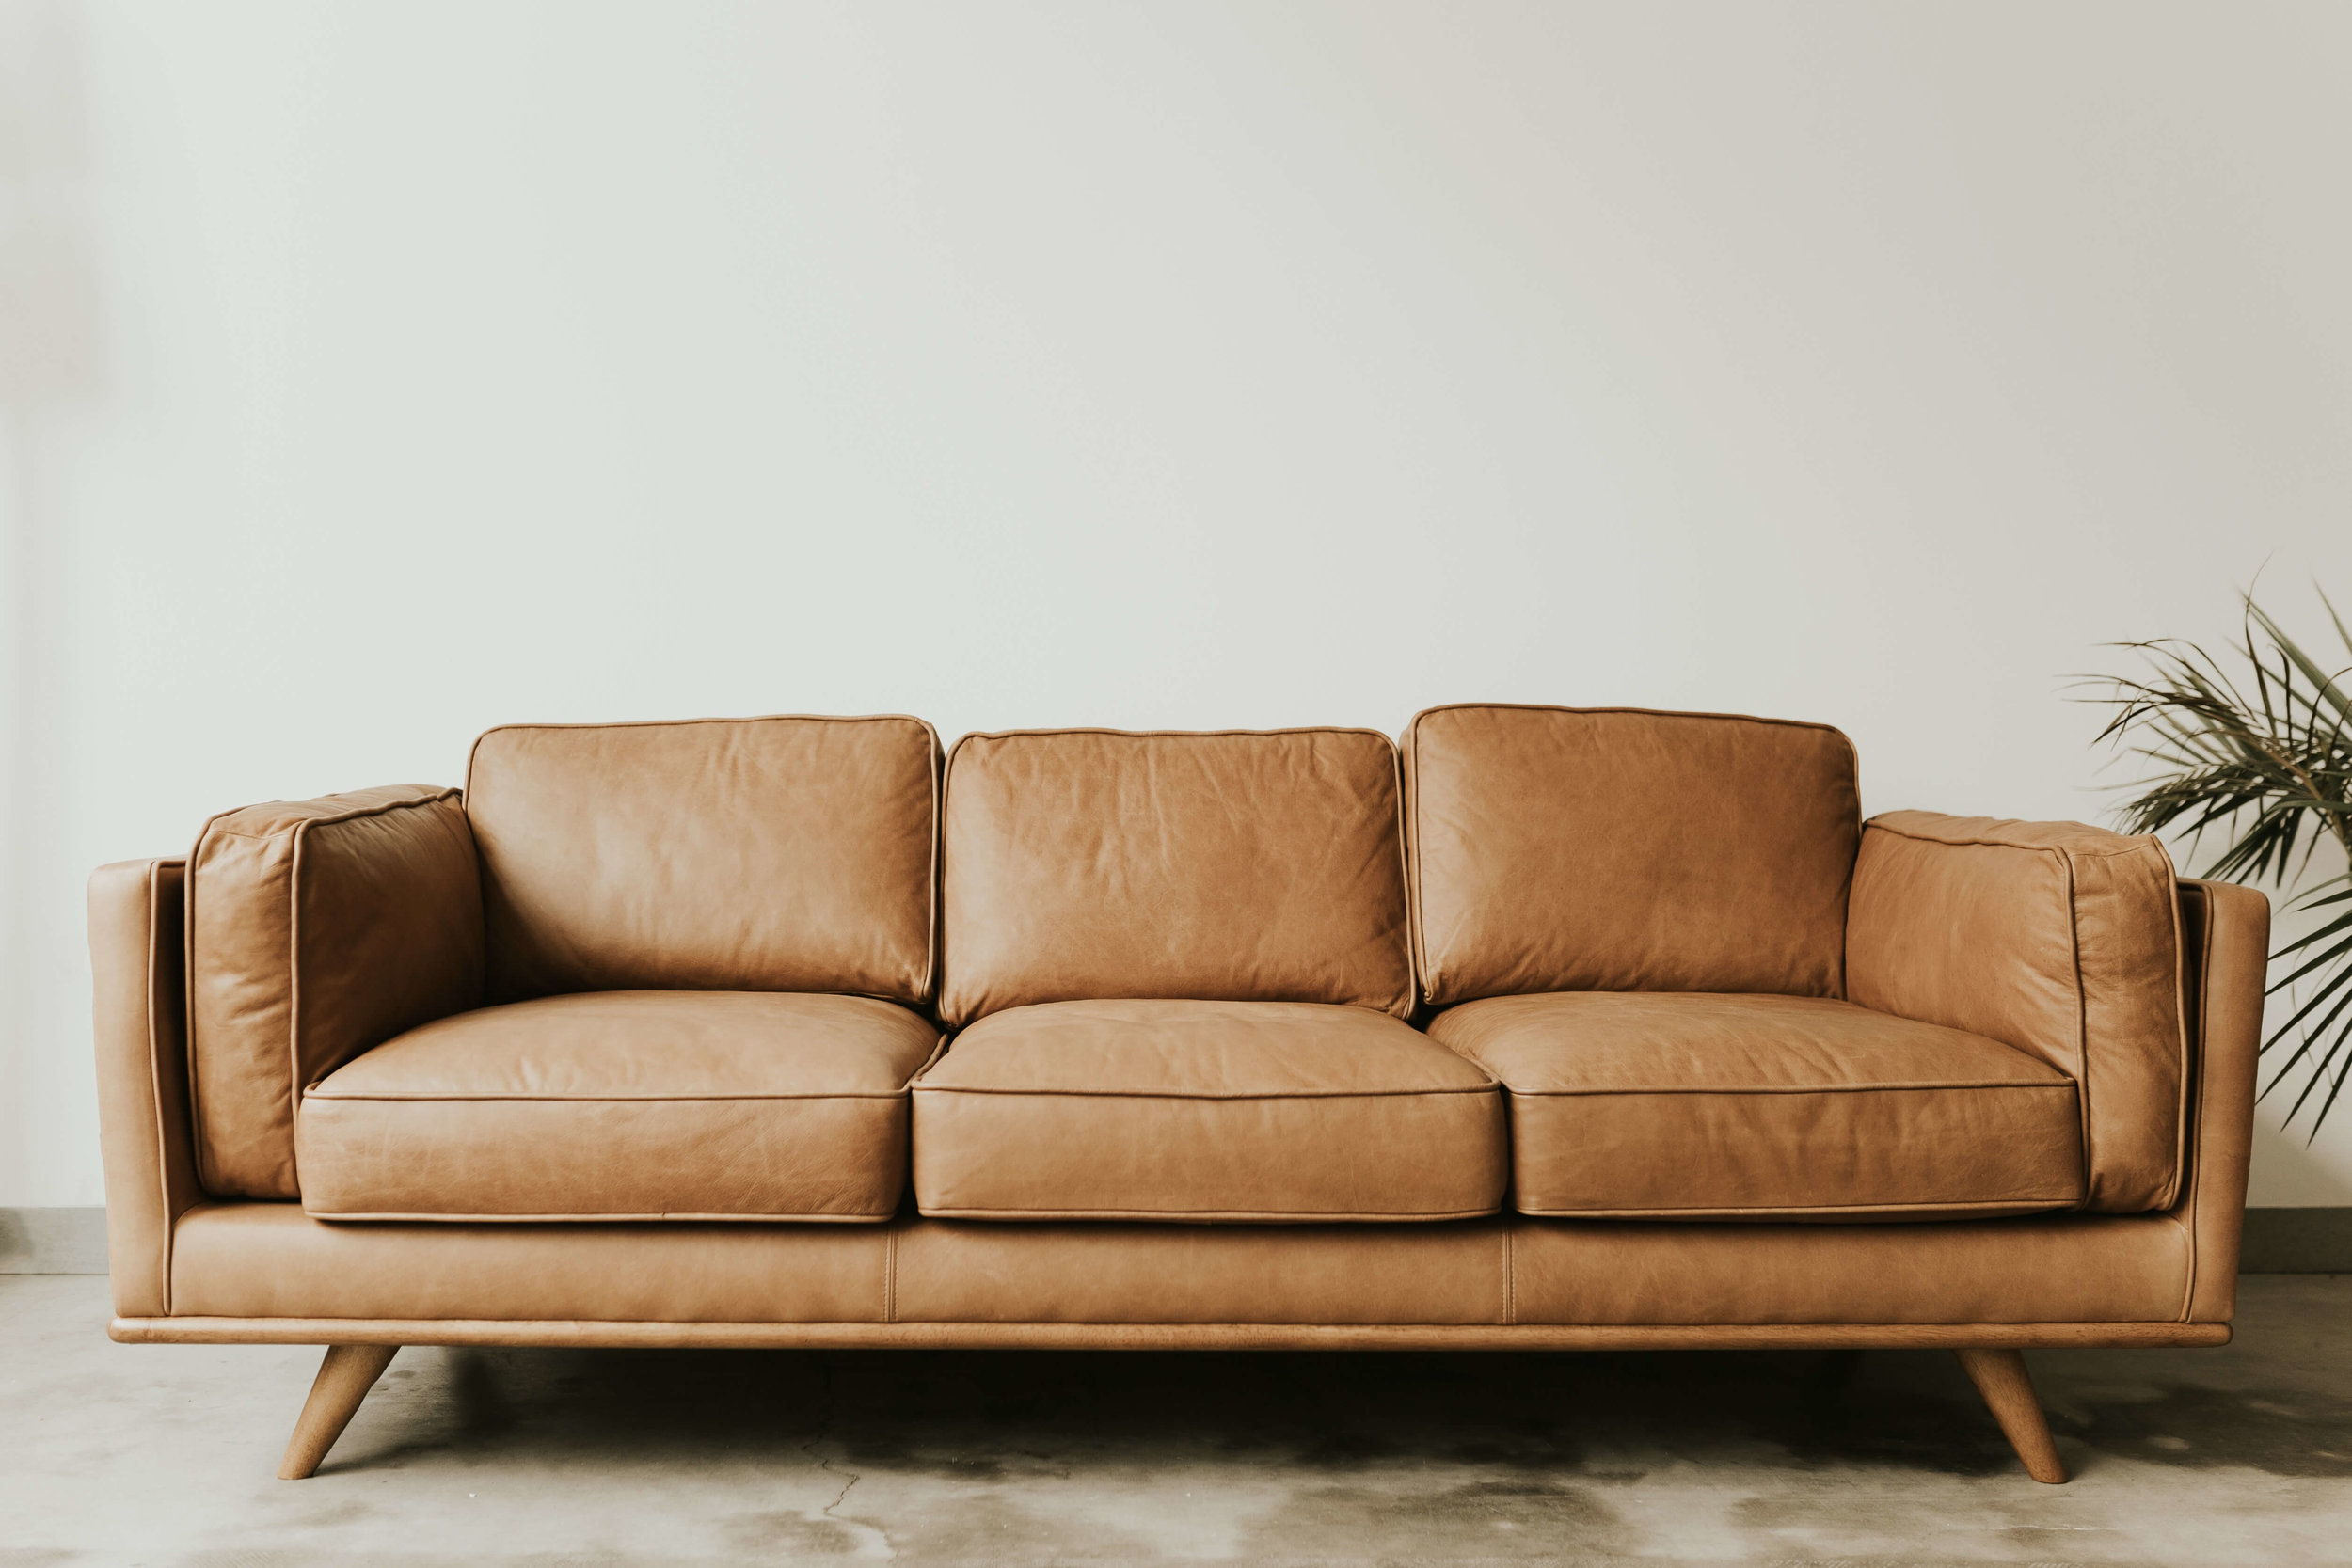 El relleno del sofá en fibras sintéticas (poliuretano) puede estar tratado con Retardantes de llamas (PBDE)